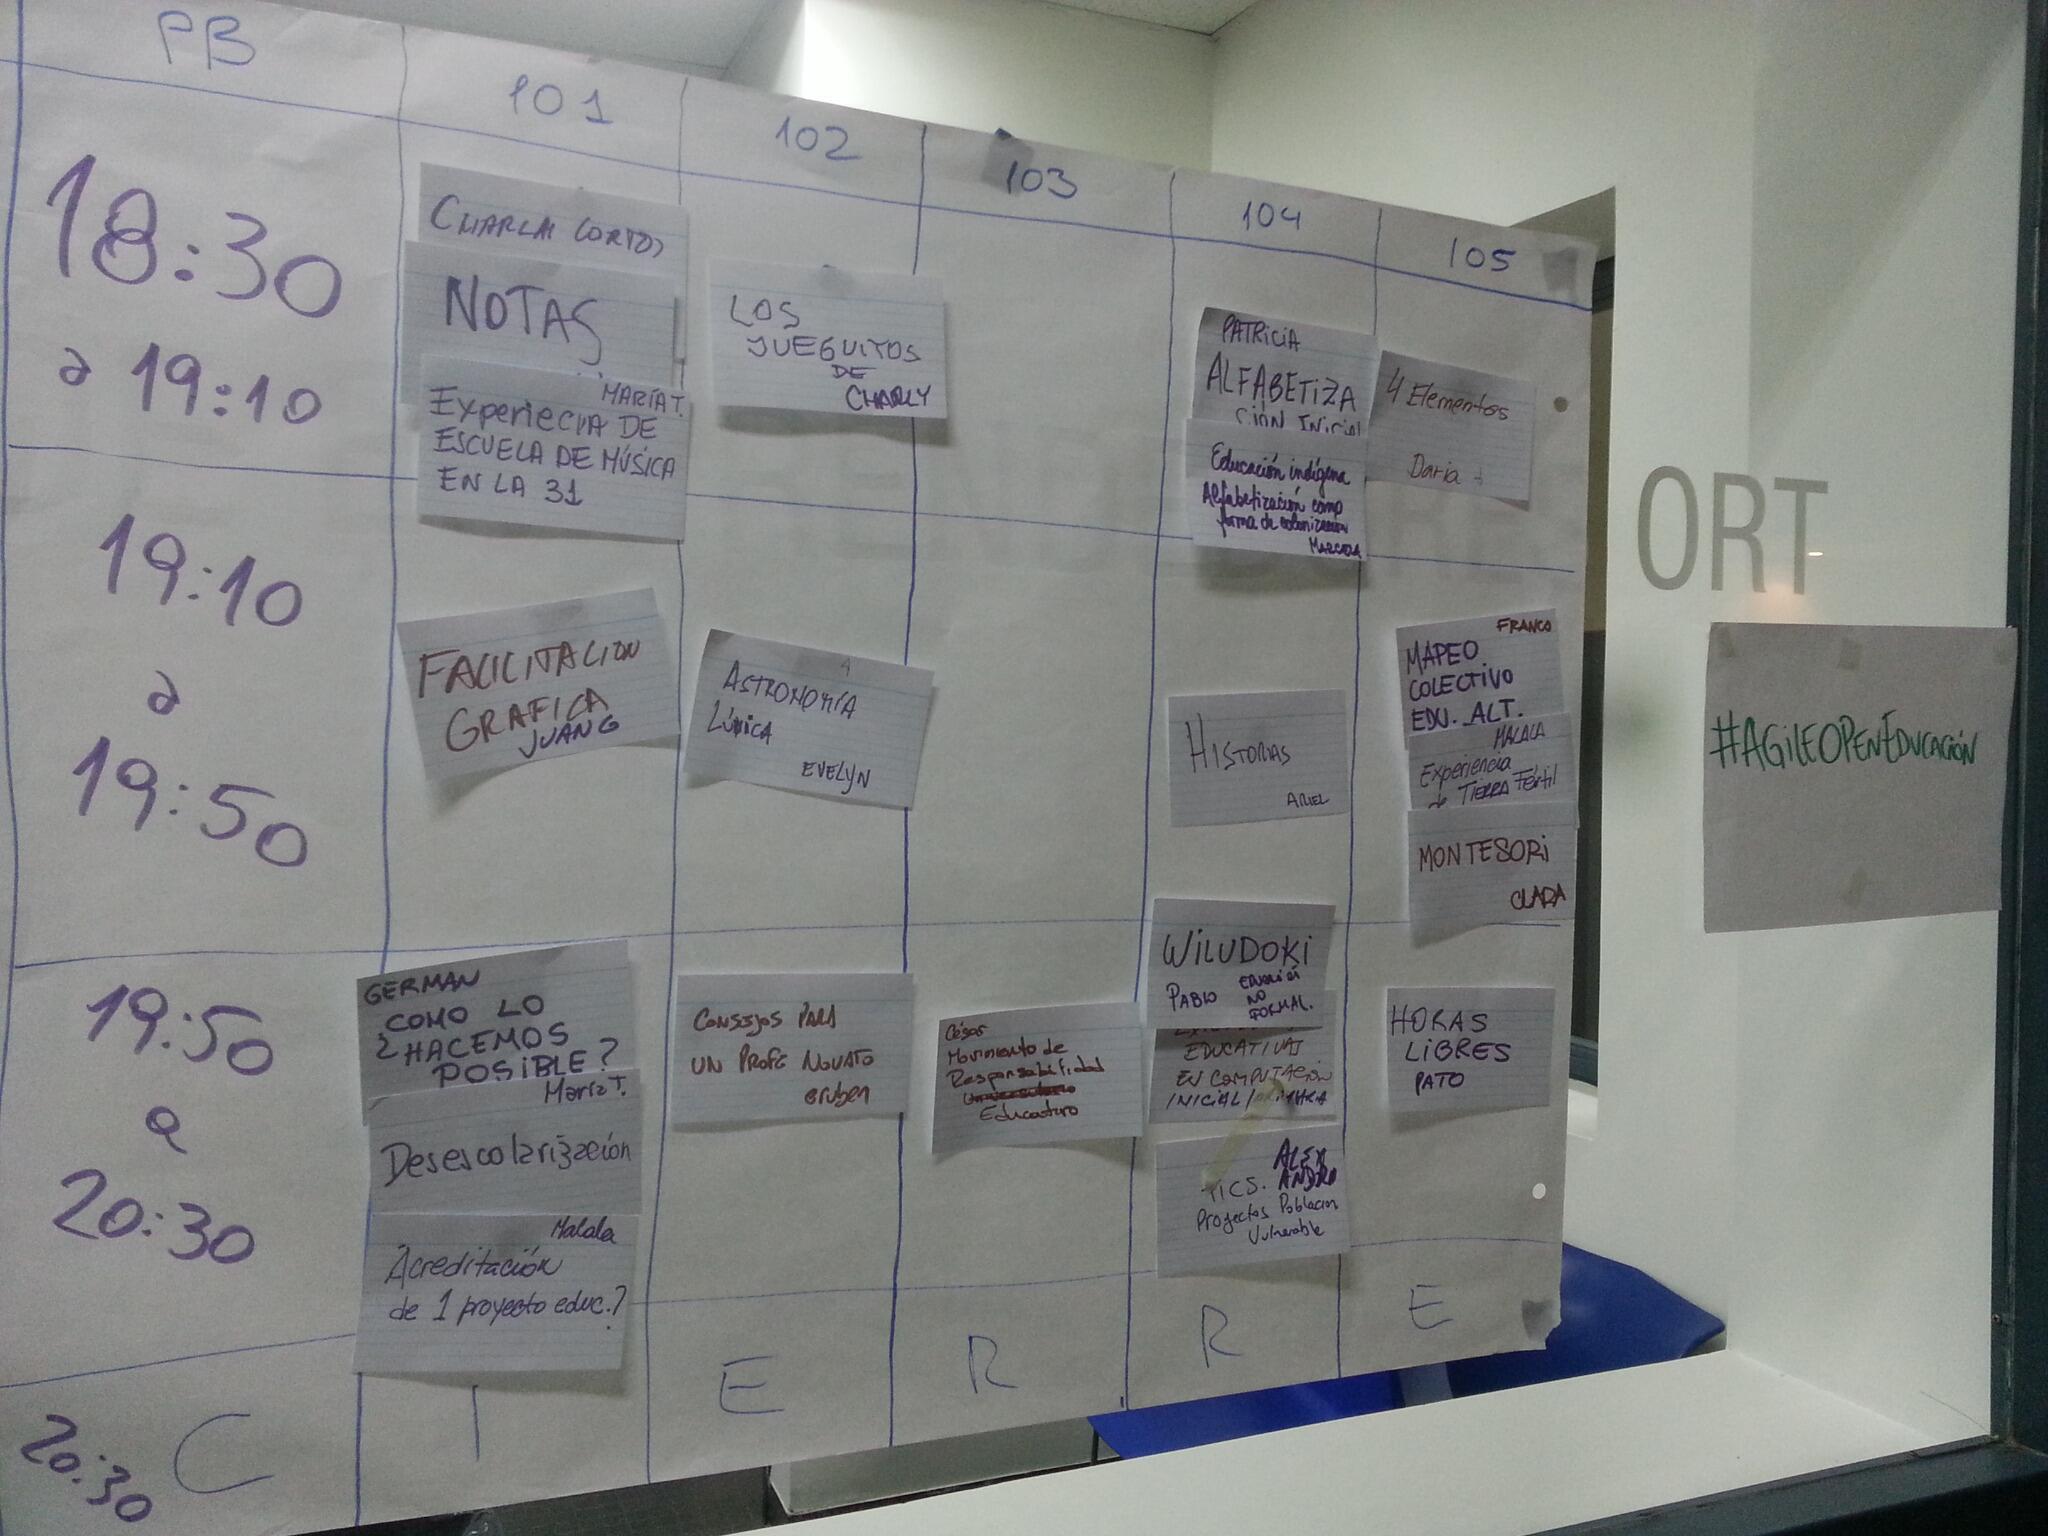 Agenda de sesiones del evento